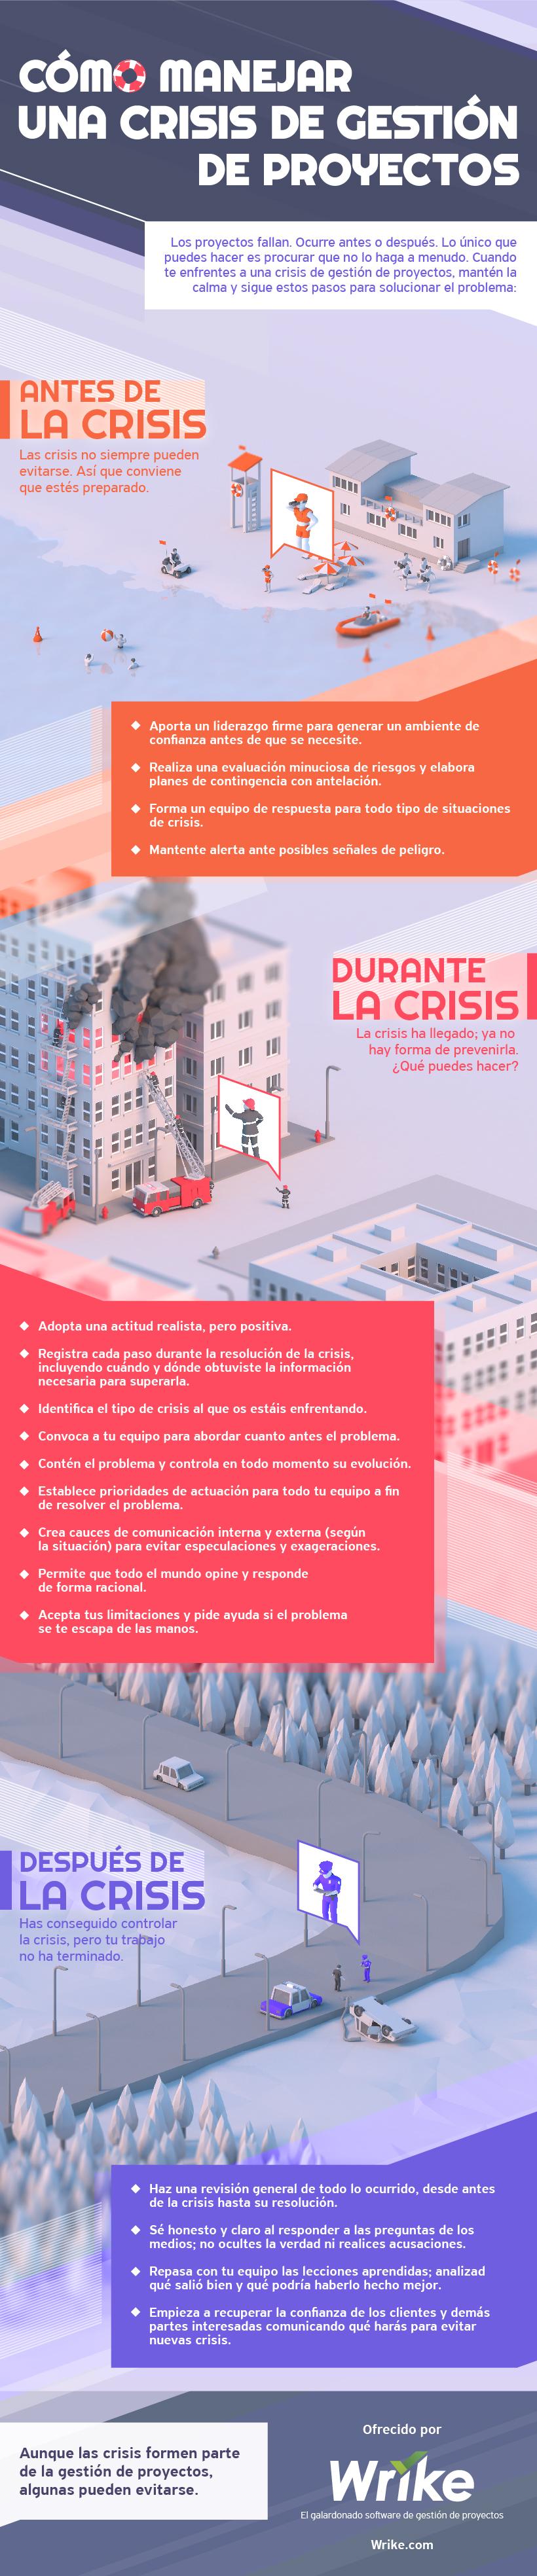 Cómo manejar una crisis en la gestión de un proyecto (infografía)